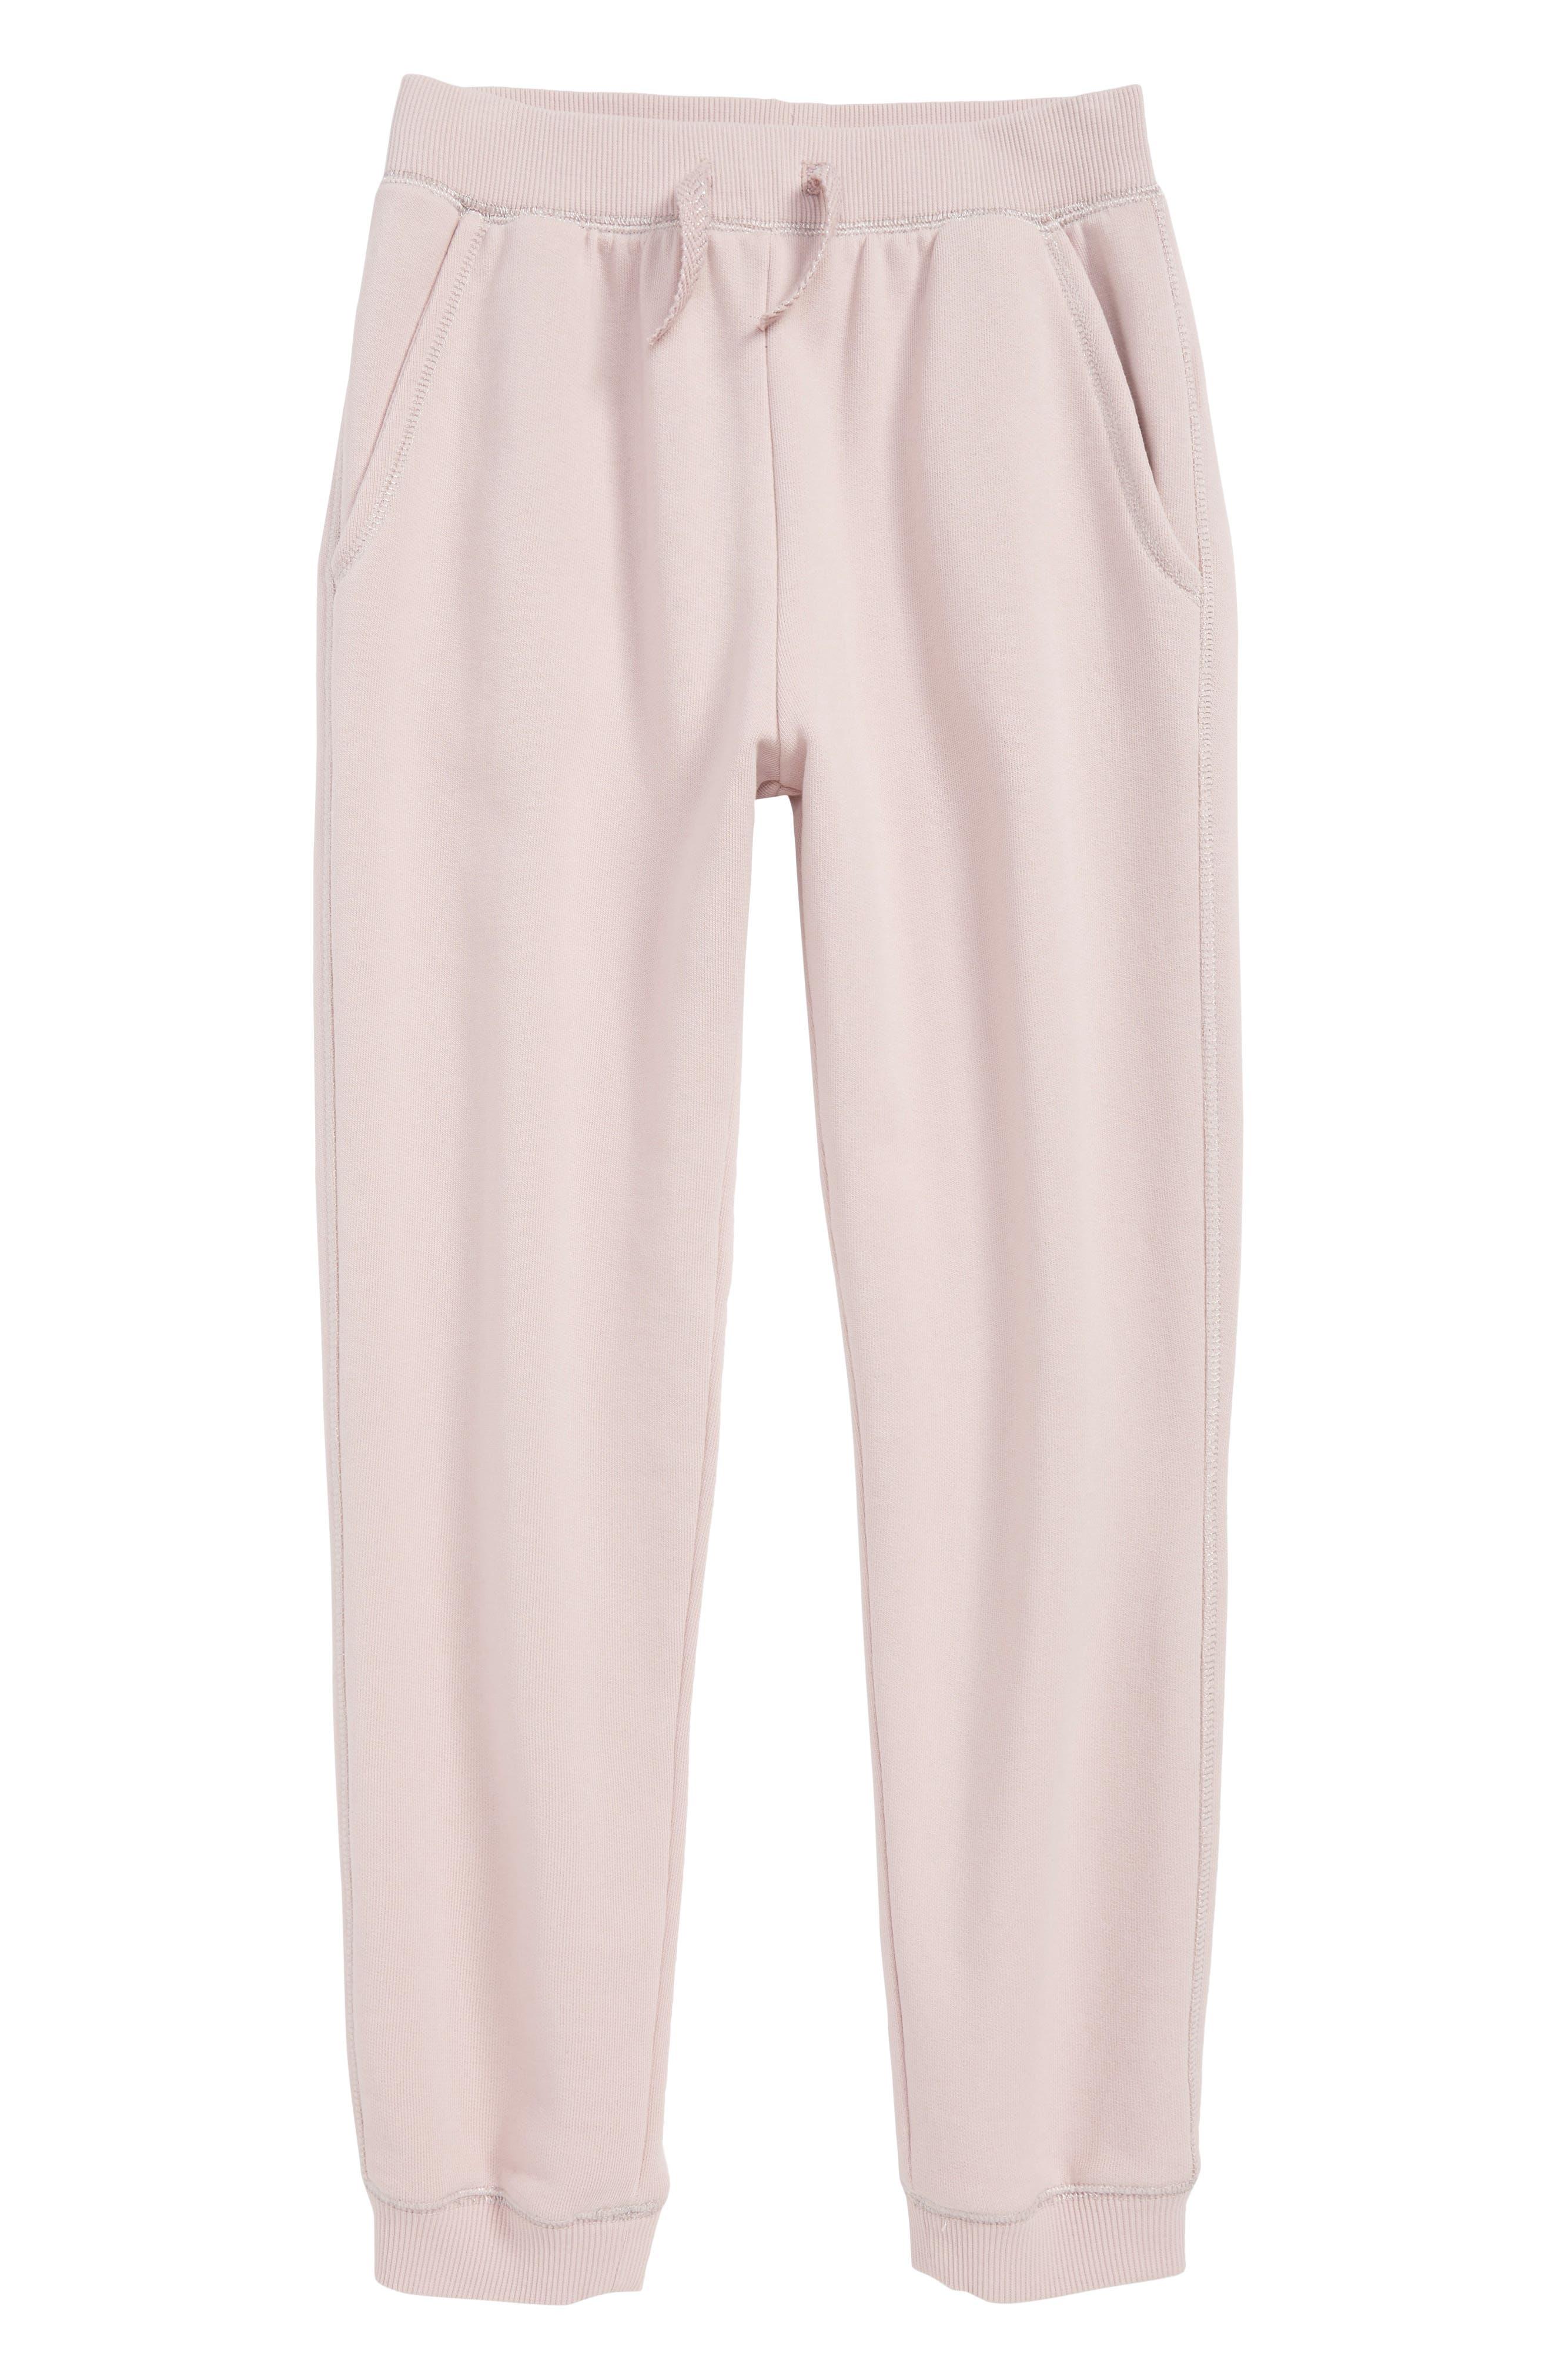 Peek Millie Jogger Pants,                         Main,                         color, 650